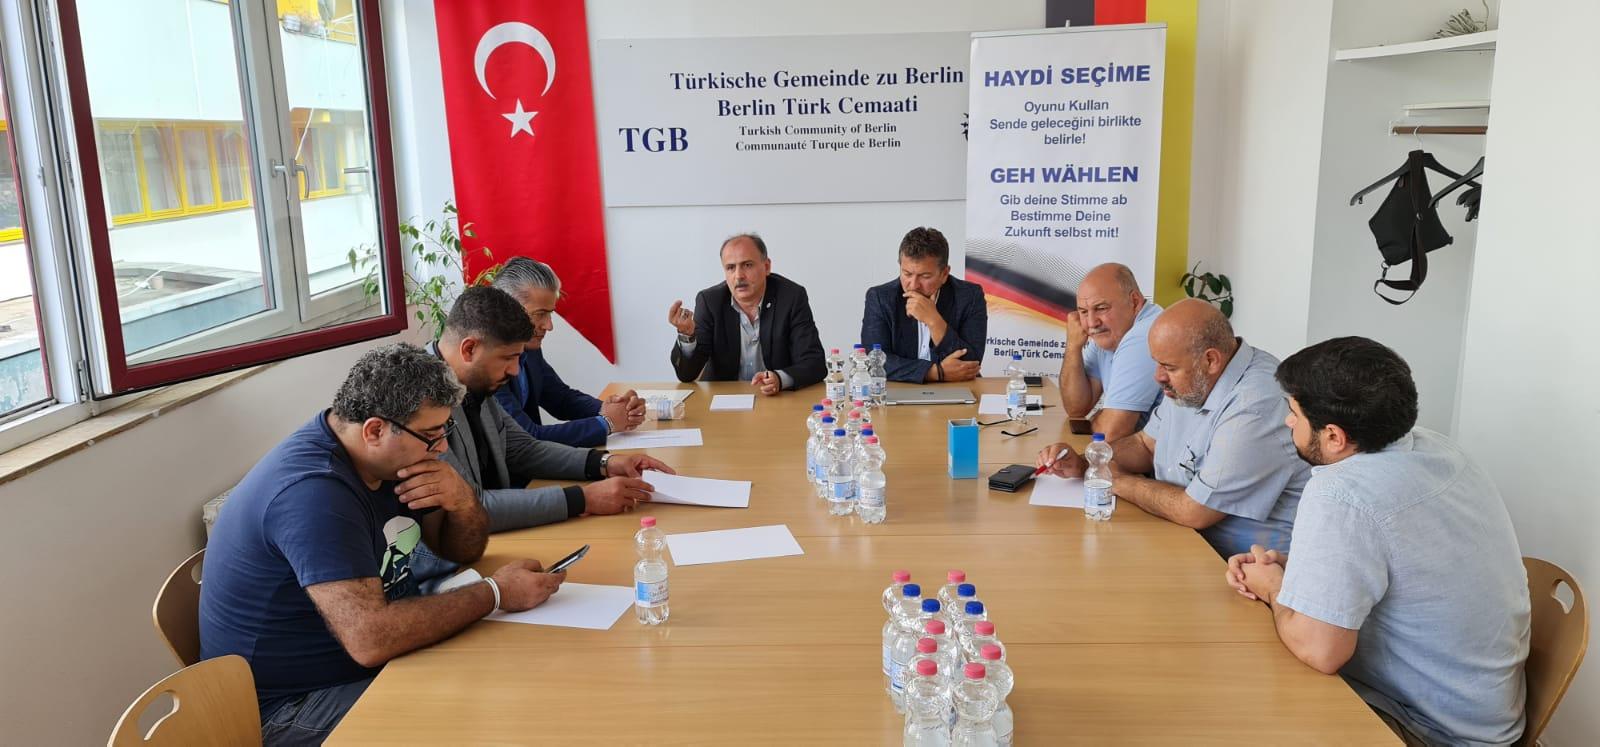 Berlin Türk Cemaati, Almanya'da seçime katılım çağrısı yaptı